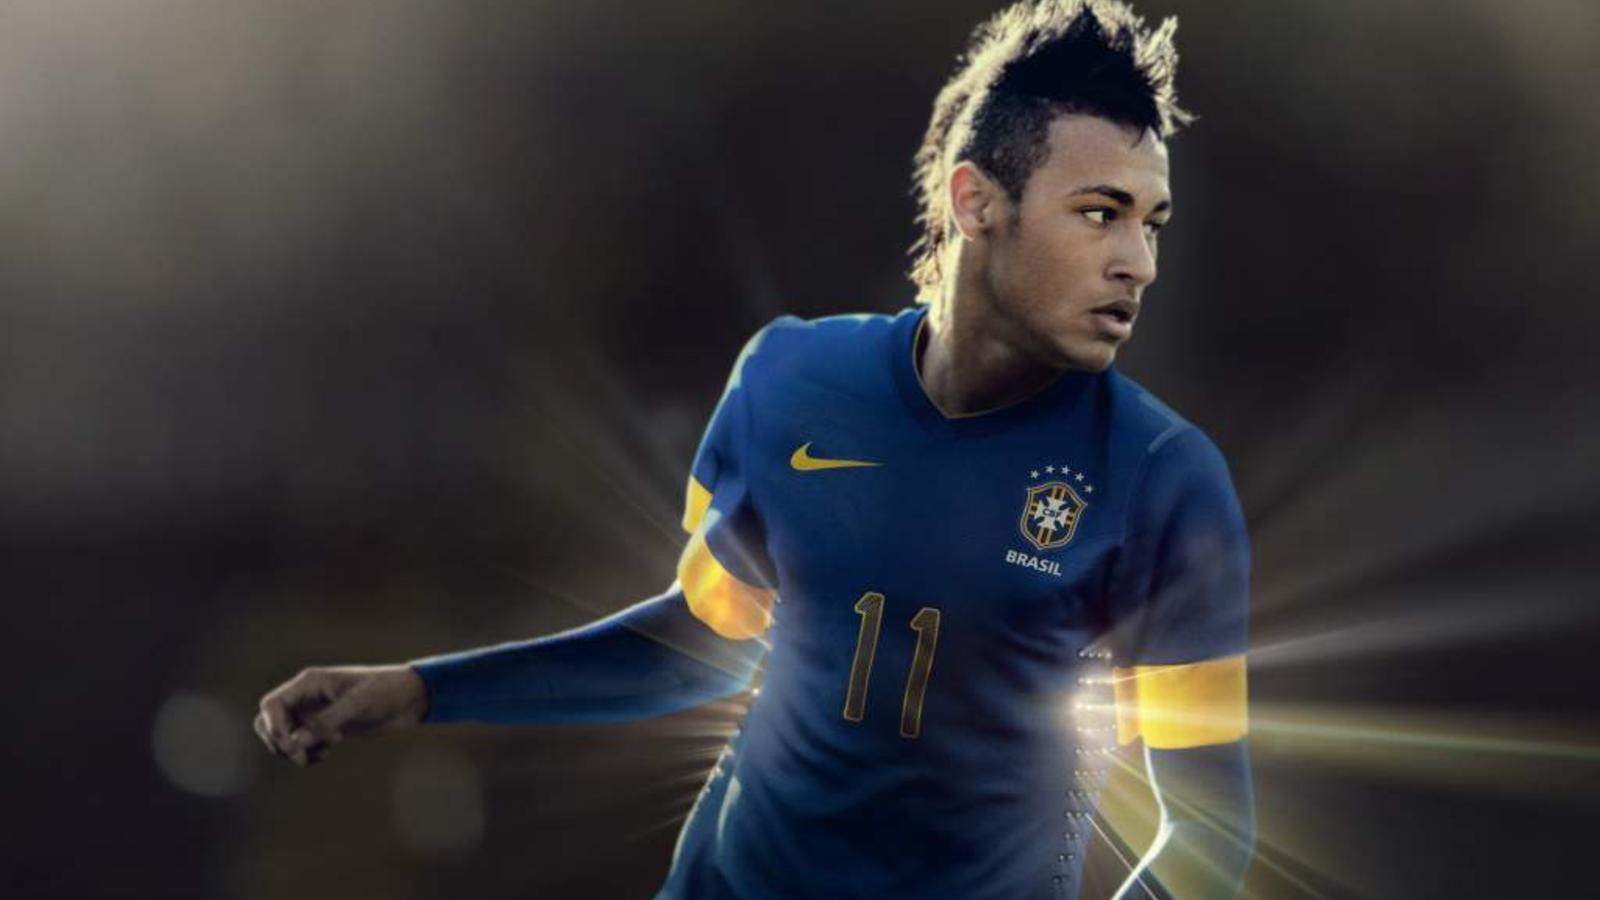 Brasil_2012_Away_Kit_Neymar_1